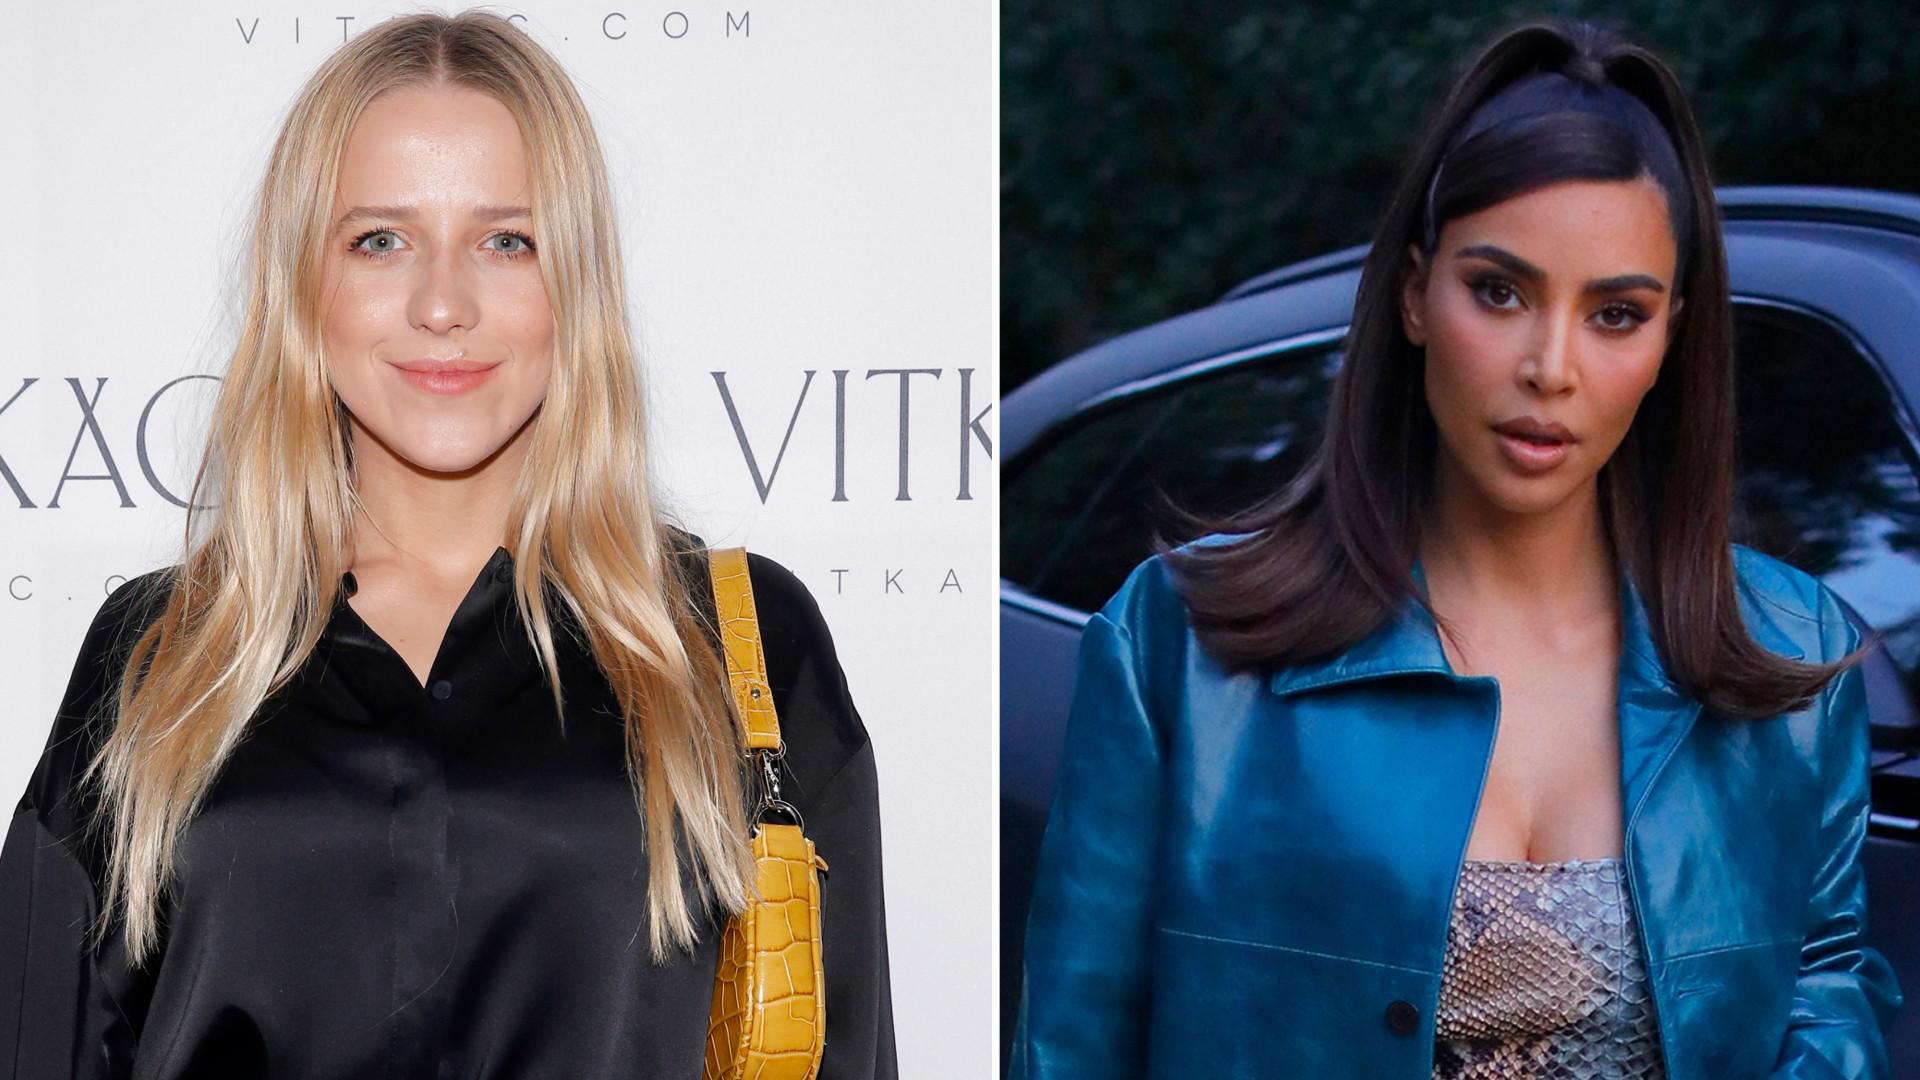 Jessica Mercedes kopiuje Kim Kardashian. Tak jak ona udekorowała dom na Halloween